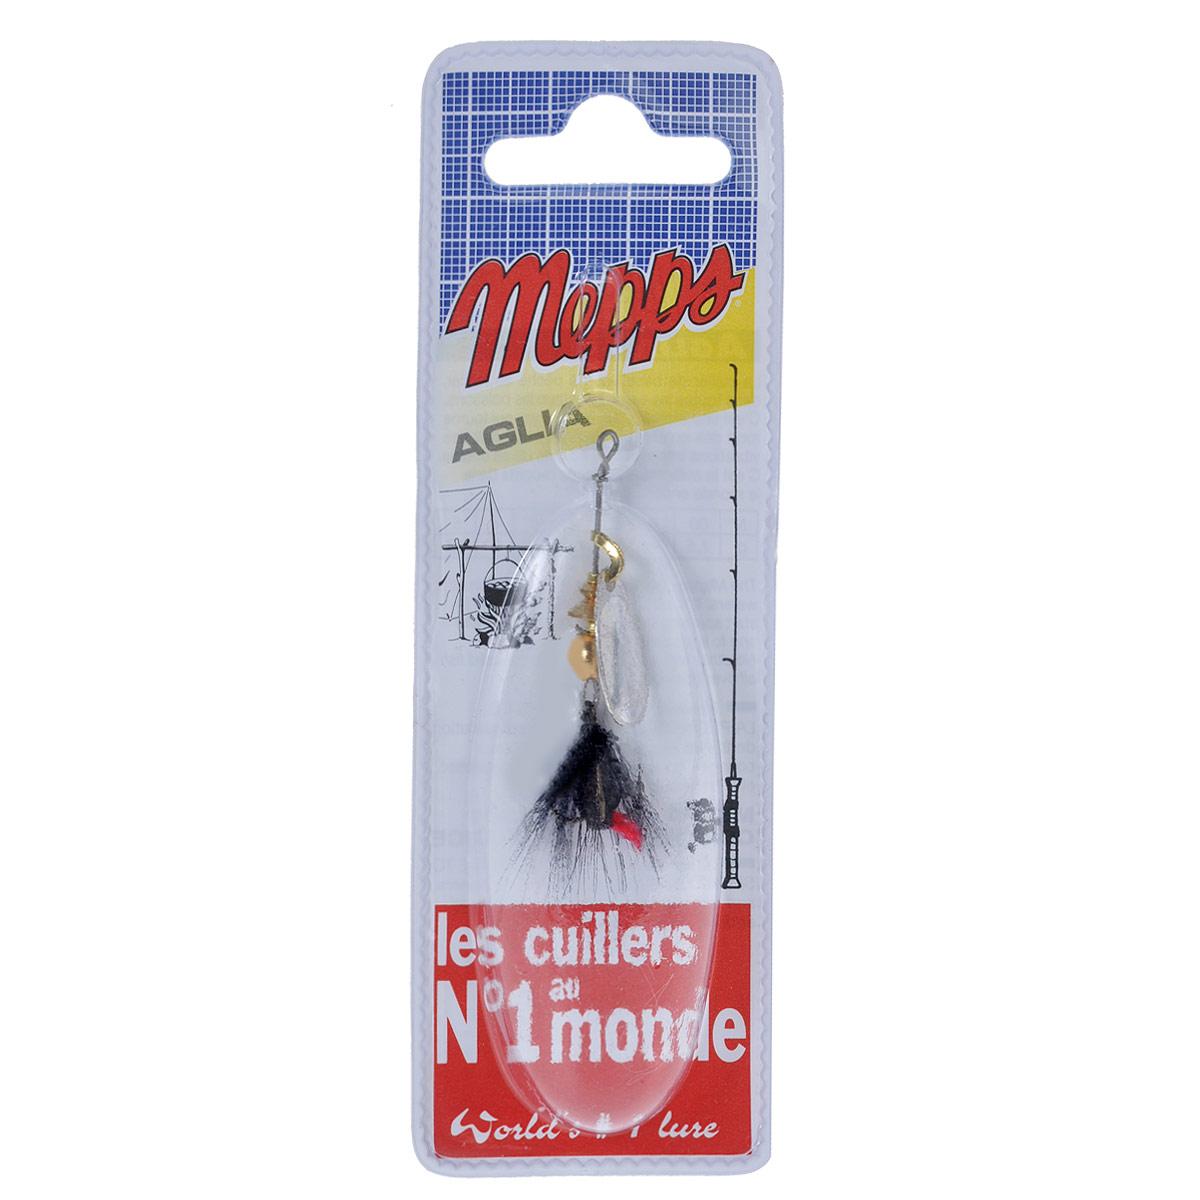 Блесна Mepps Aglia AG Mouch. Noire, вращающаяся, №05761Вращающаяся блесна Mepps Aglia AG Mouch. Noire оснащена мушкой из натурального беличьего хвоста, это очень эффективные приманки для ловли жереха, голавля, язя, окуня и других видов рыб, особенно в периоды массового вылета насекомых. Aglia Mouche - некрупная блесна, которая особенно подходит для летней ловли рыбы (особенно осторожной) на мелководье.